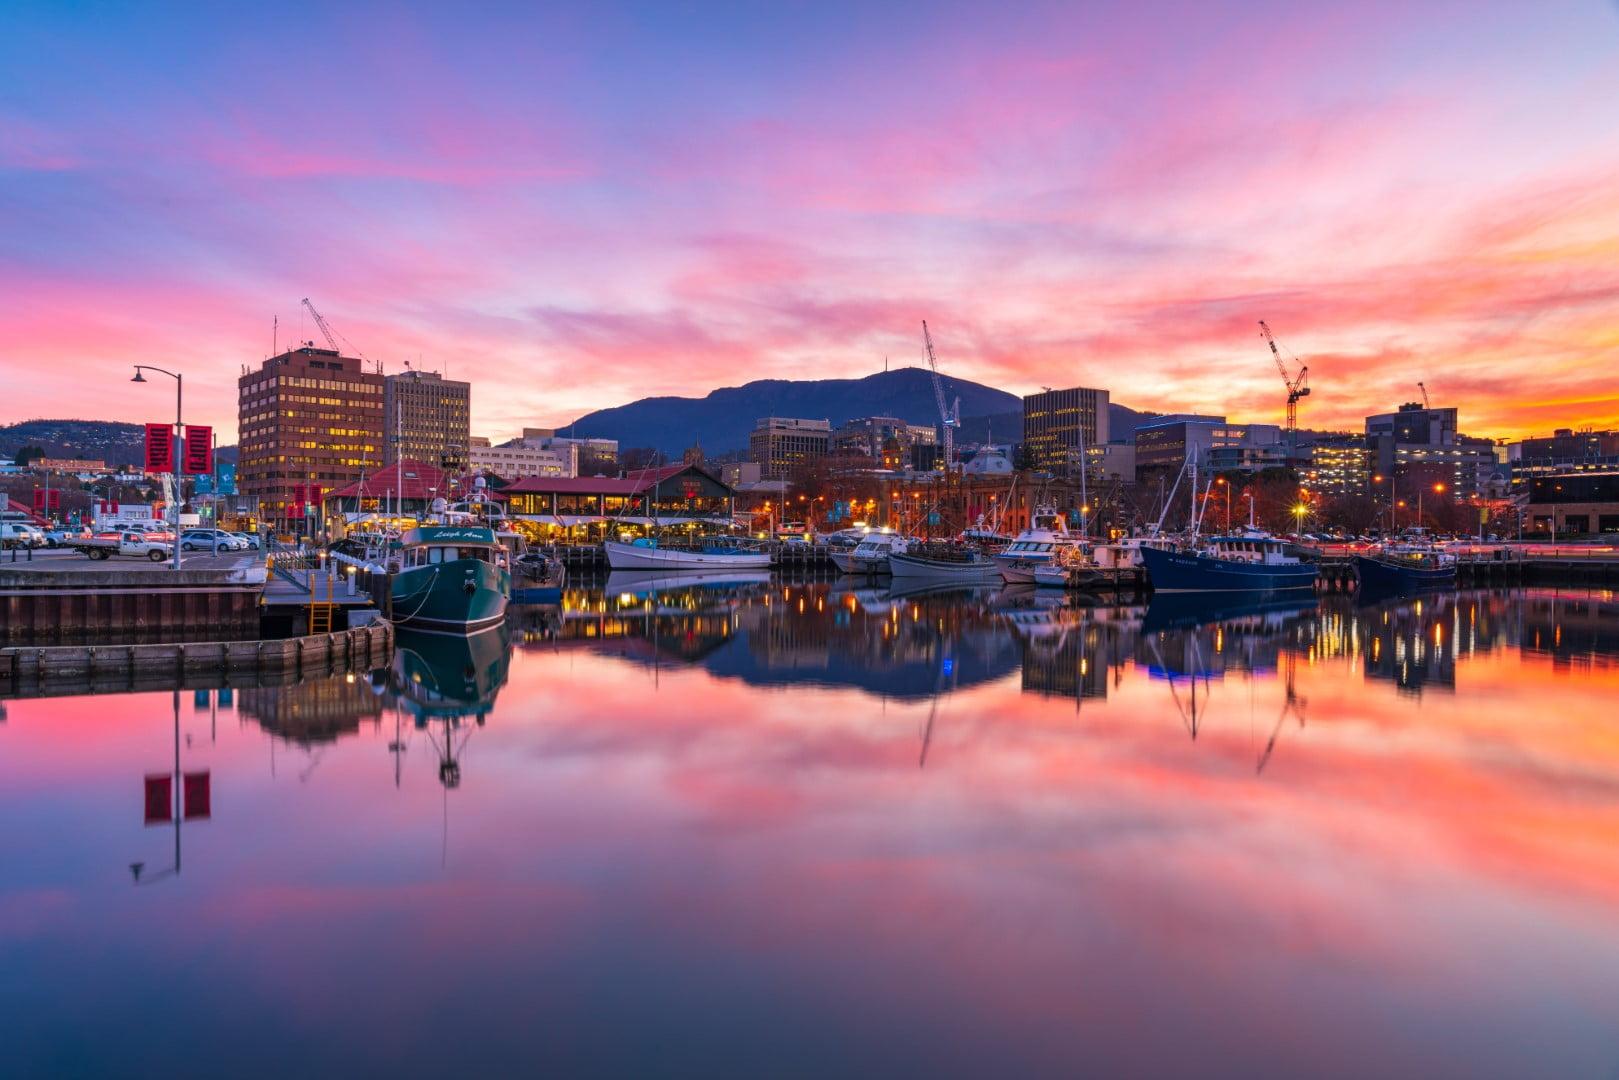 Hobart waterfront at sunset